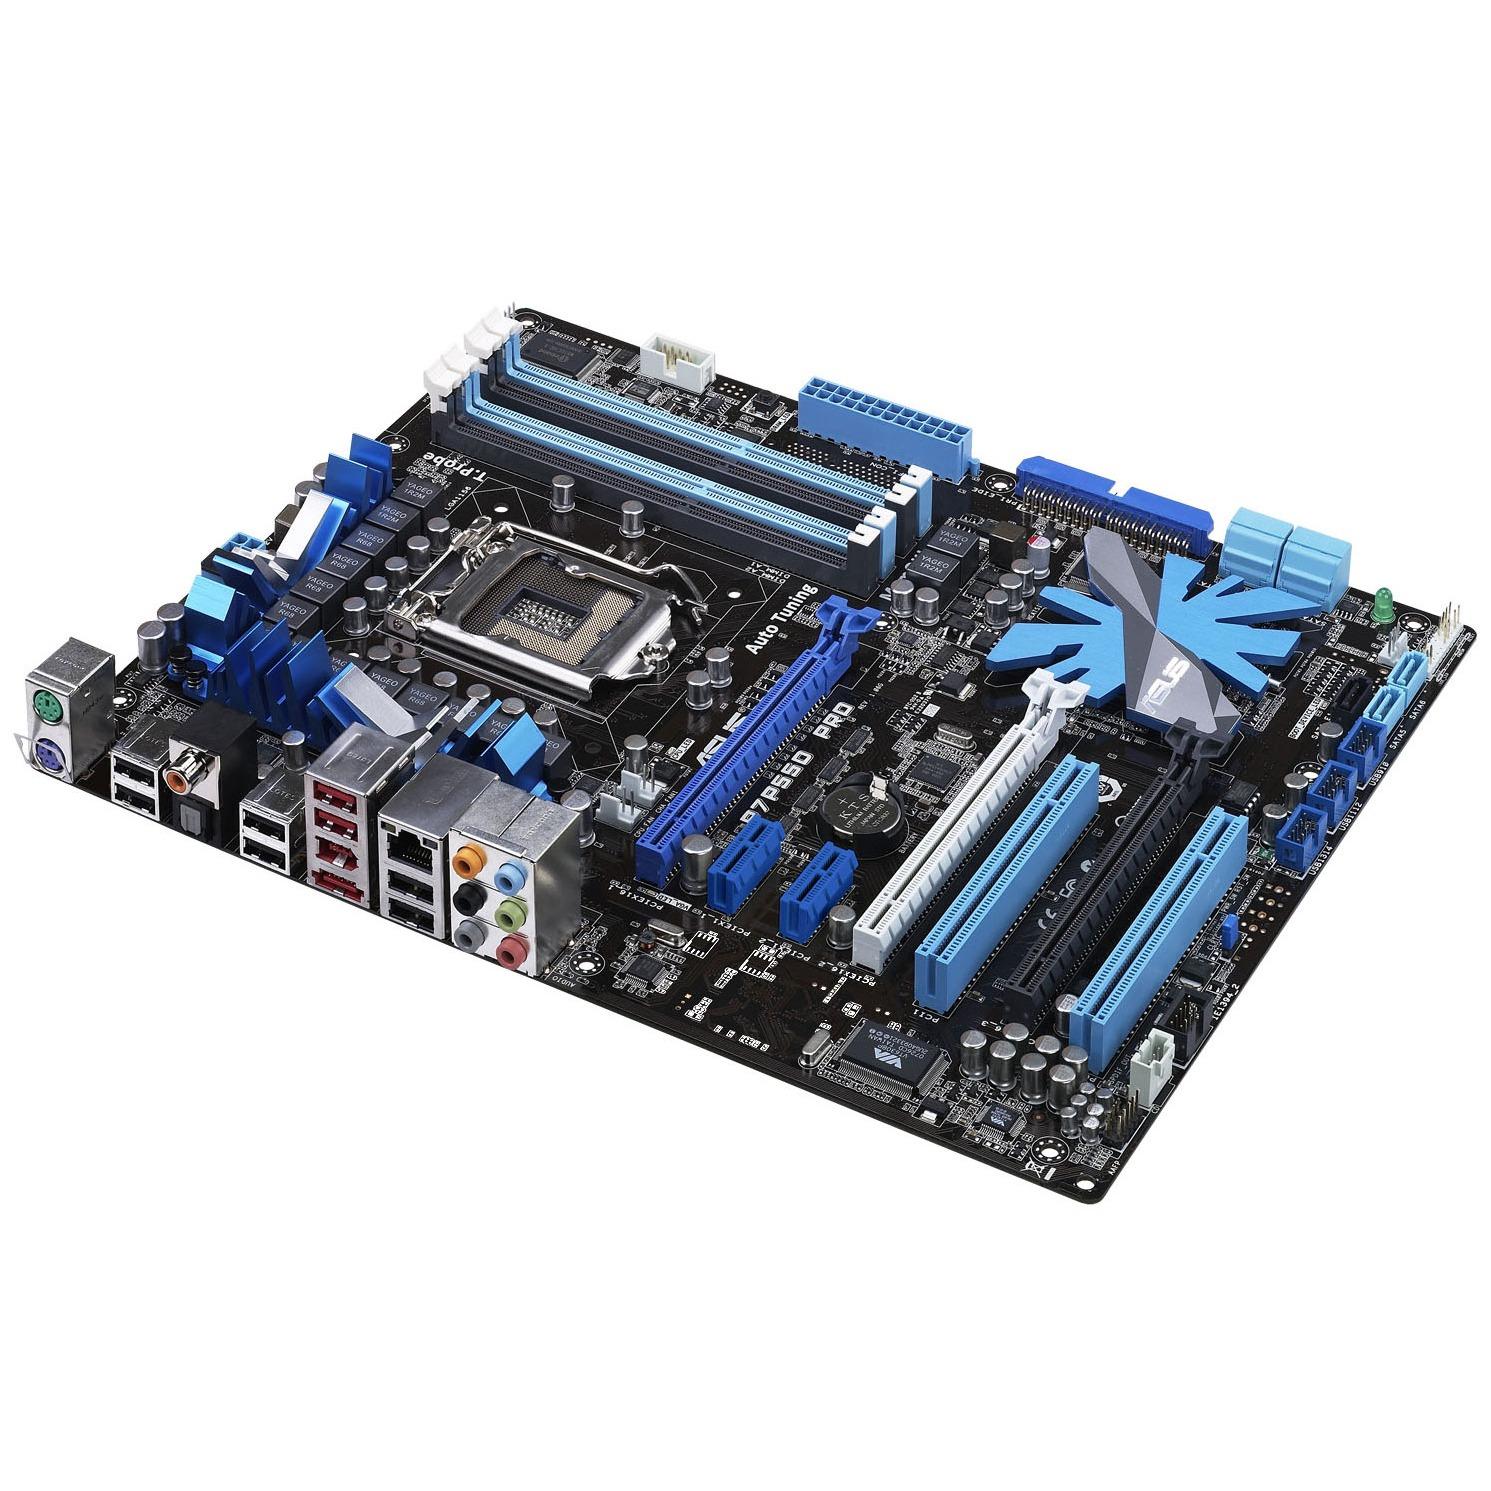 Carte mère ASUS P7P55D PRO ASUS P7P55D PRO (Intel P55 Express) - ATX - (garantie 3 ans)